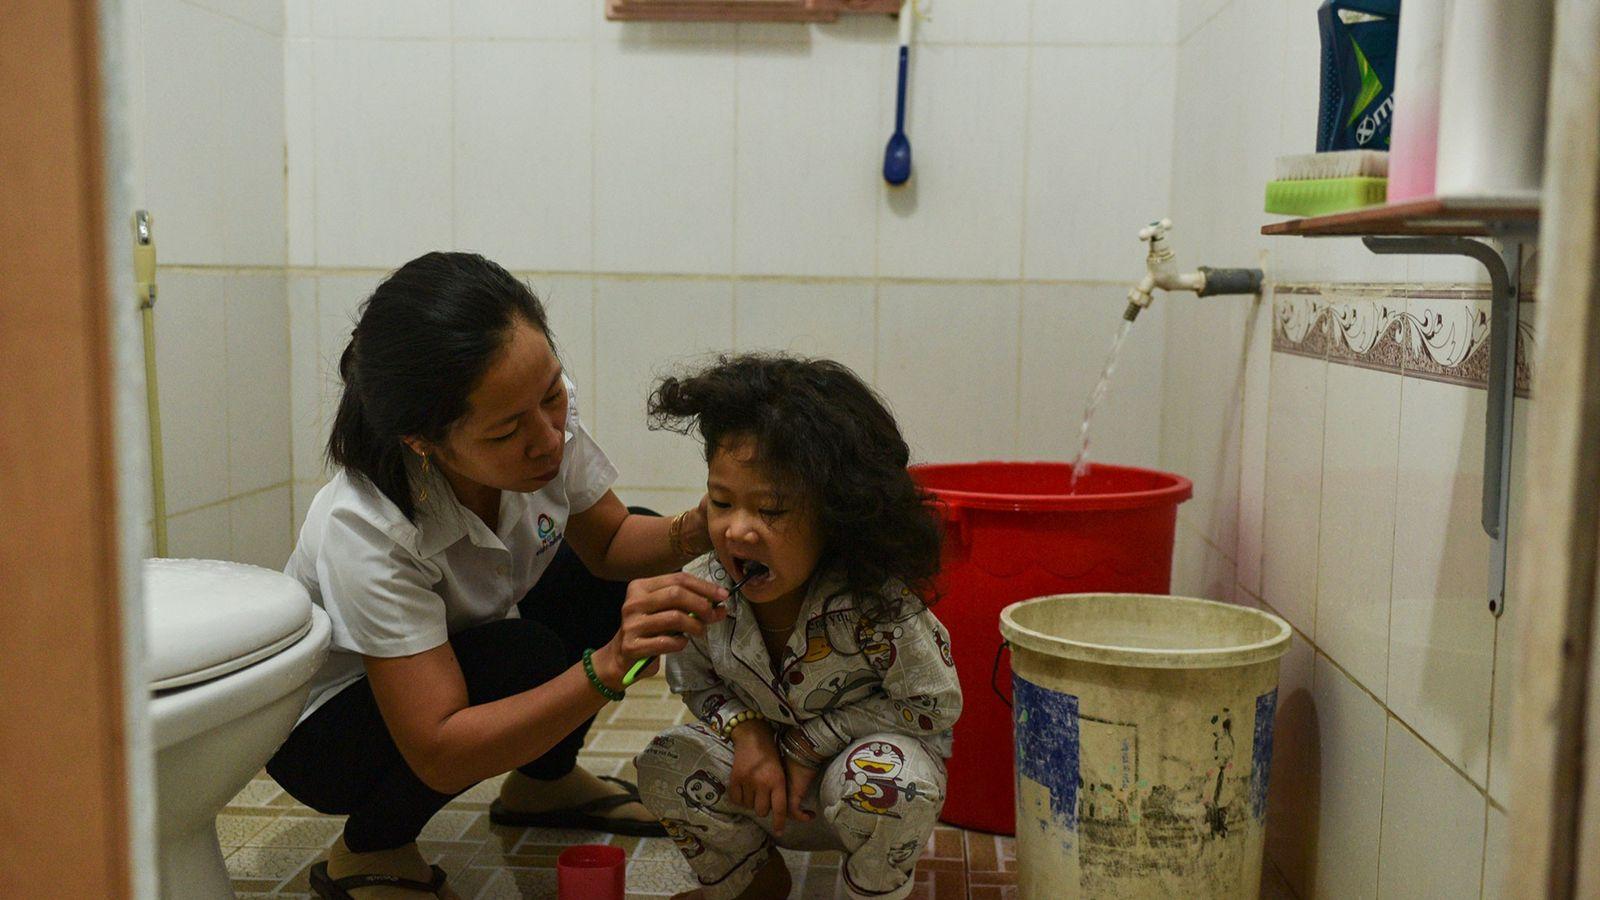 Mutter mit Kind beim Zähneputzen